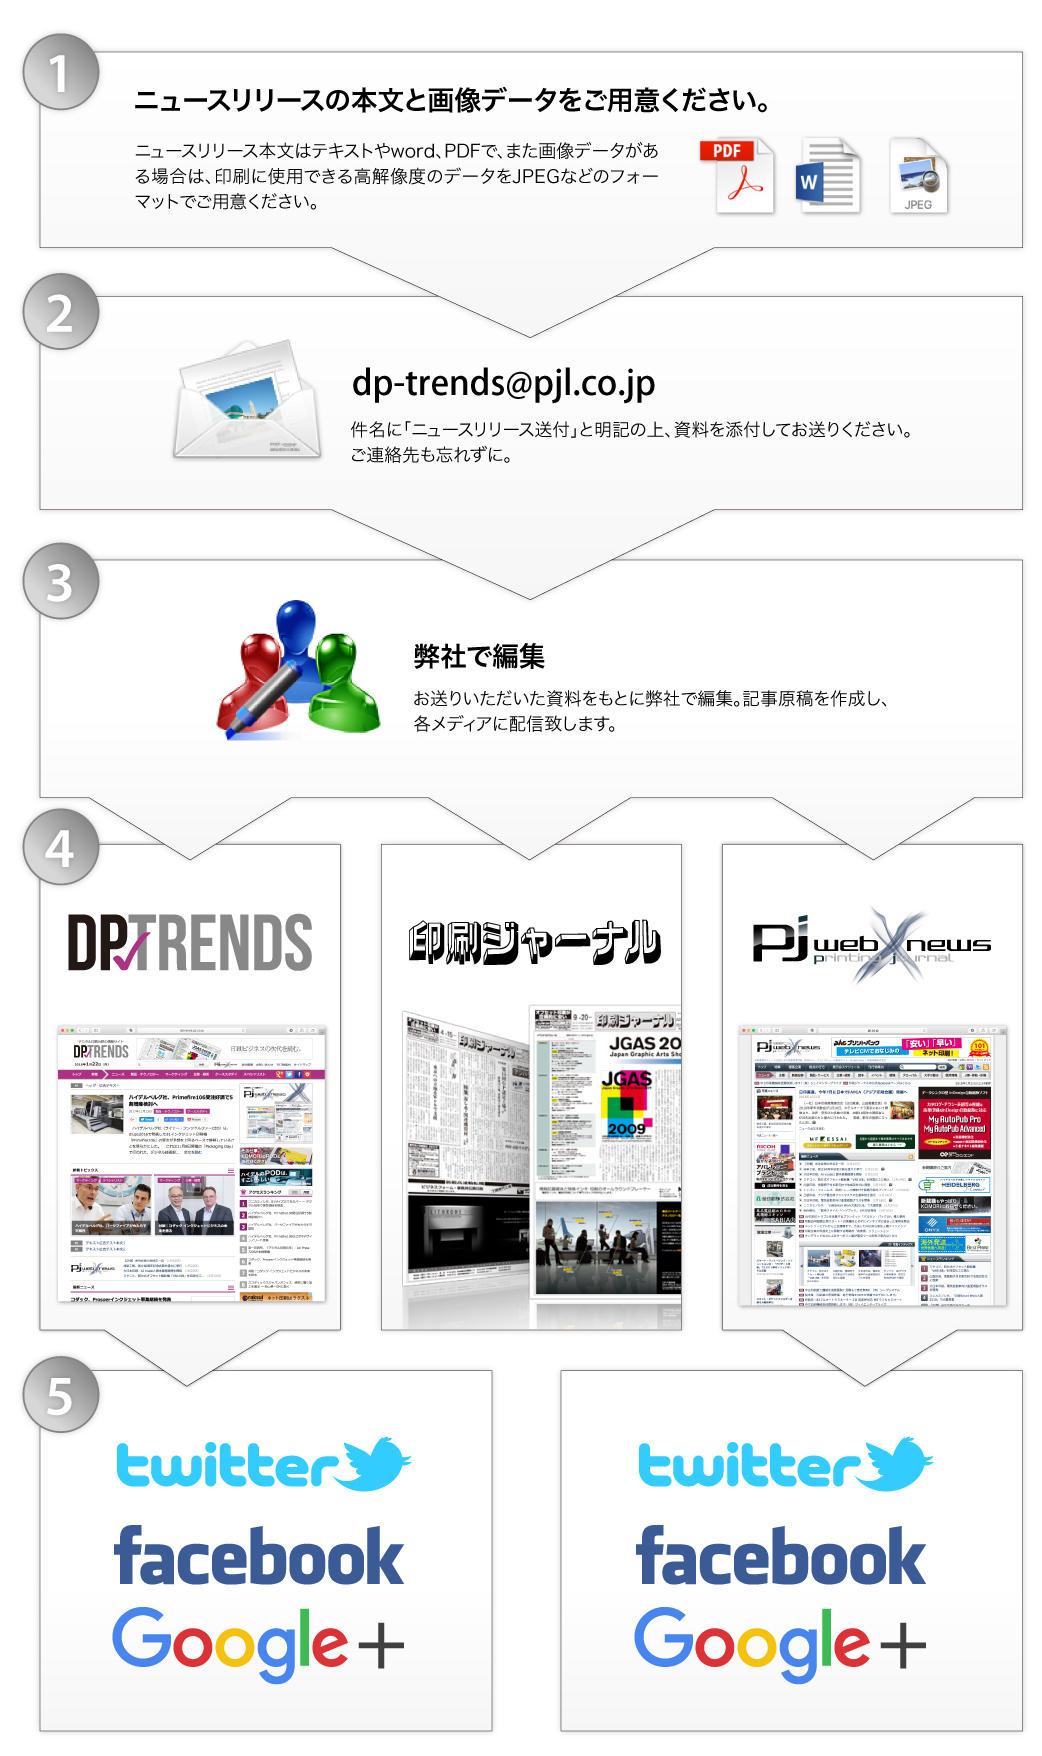 dp-trends_newsrelease_flow.jpg